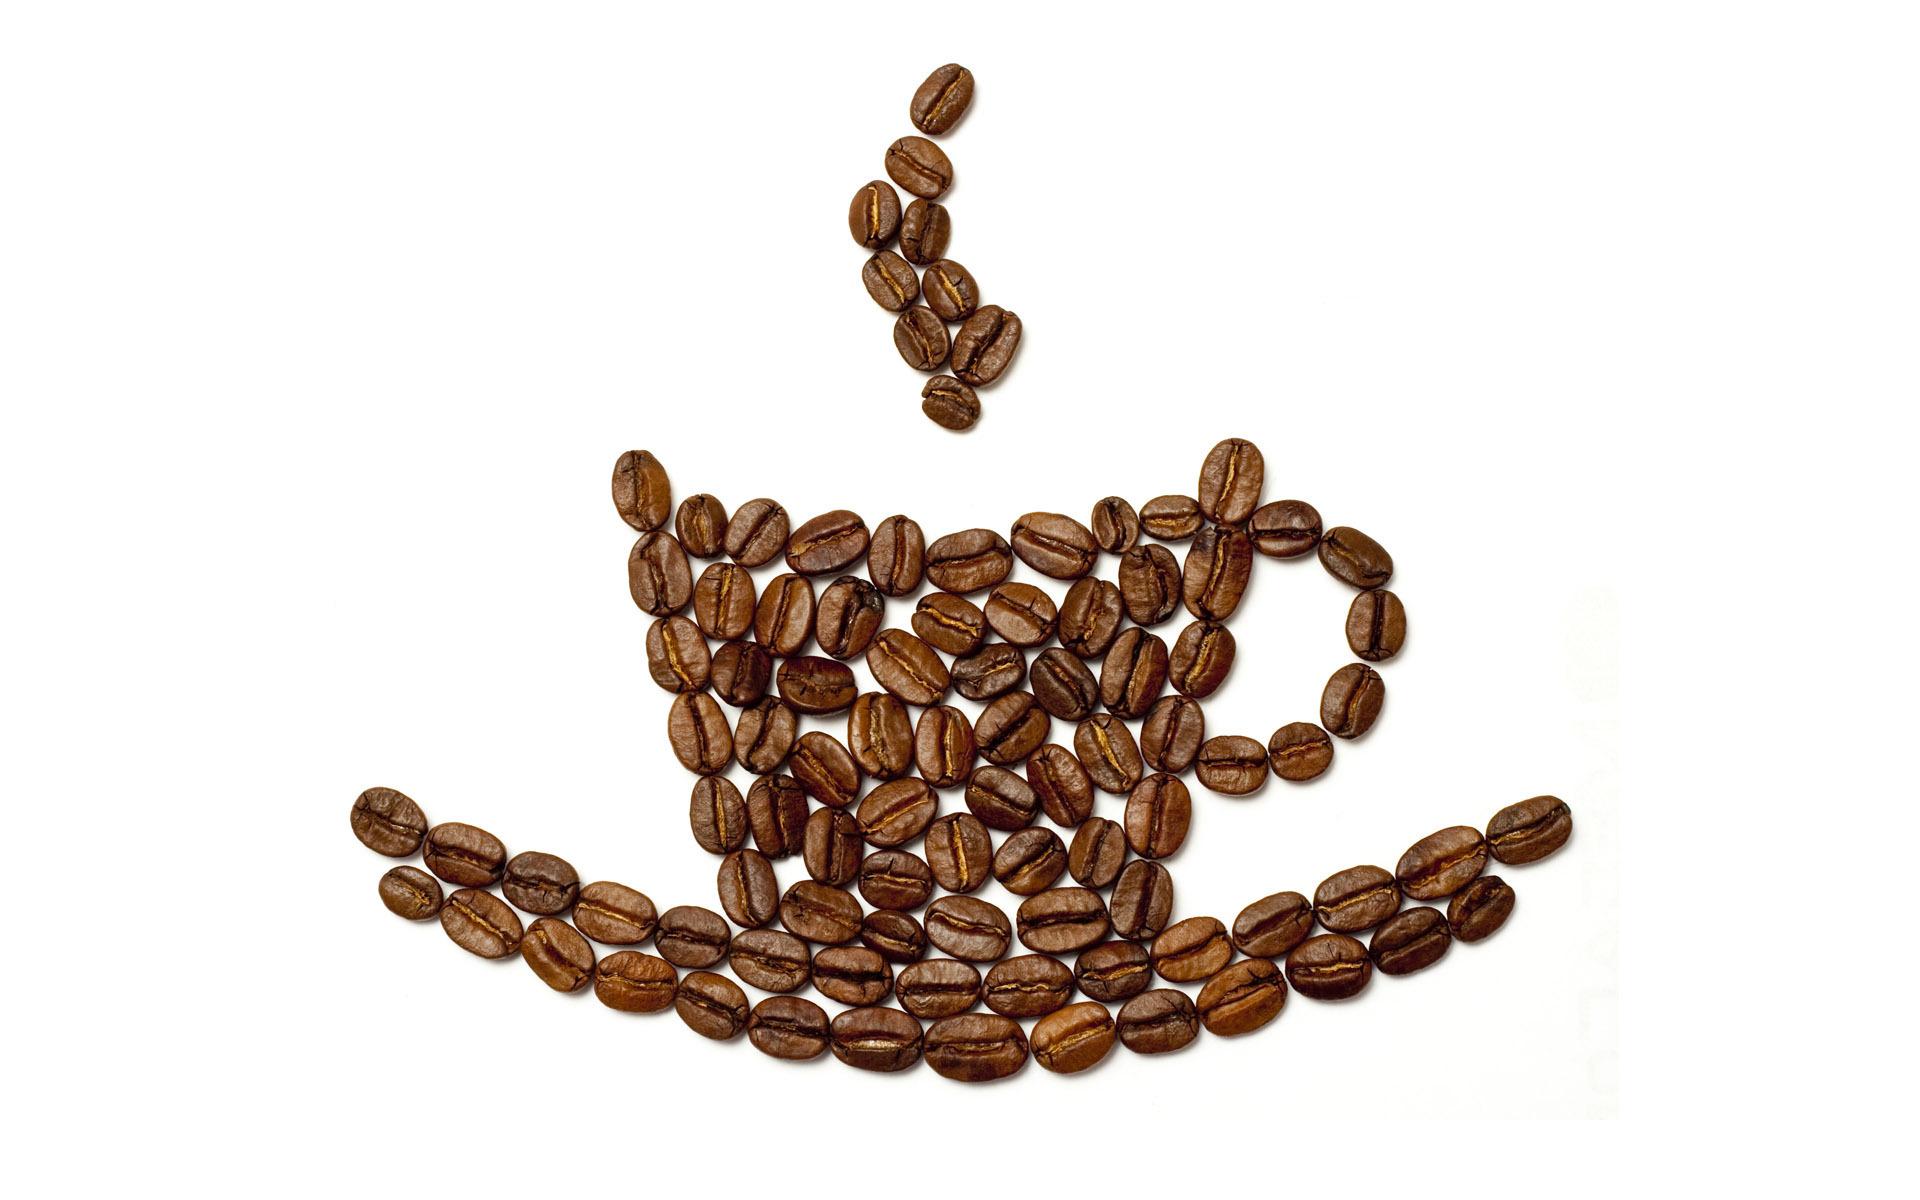 Csökkentheti a kávé a száj- és torokdaganat kialakulásának kockázatát